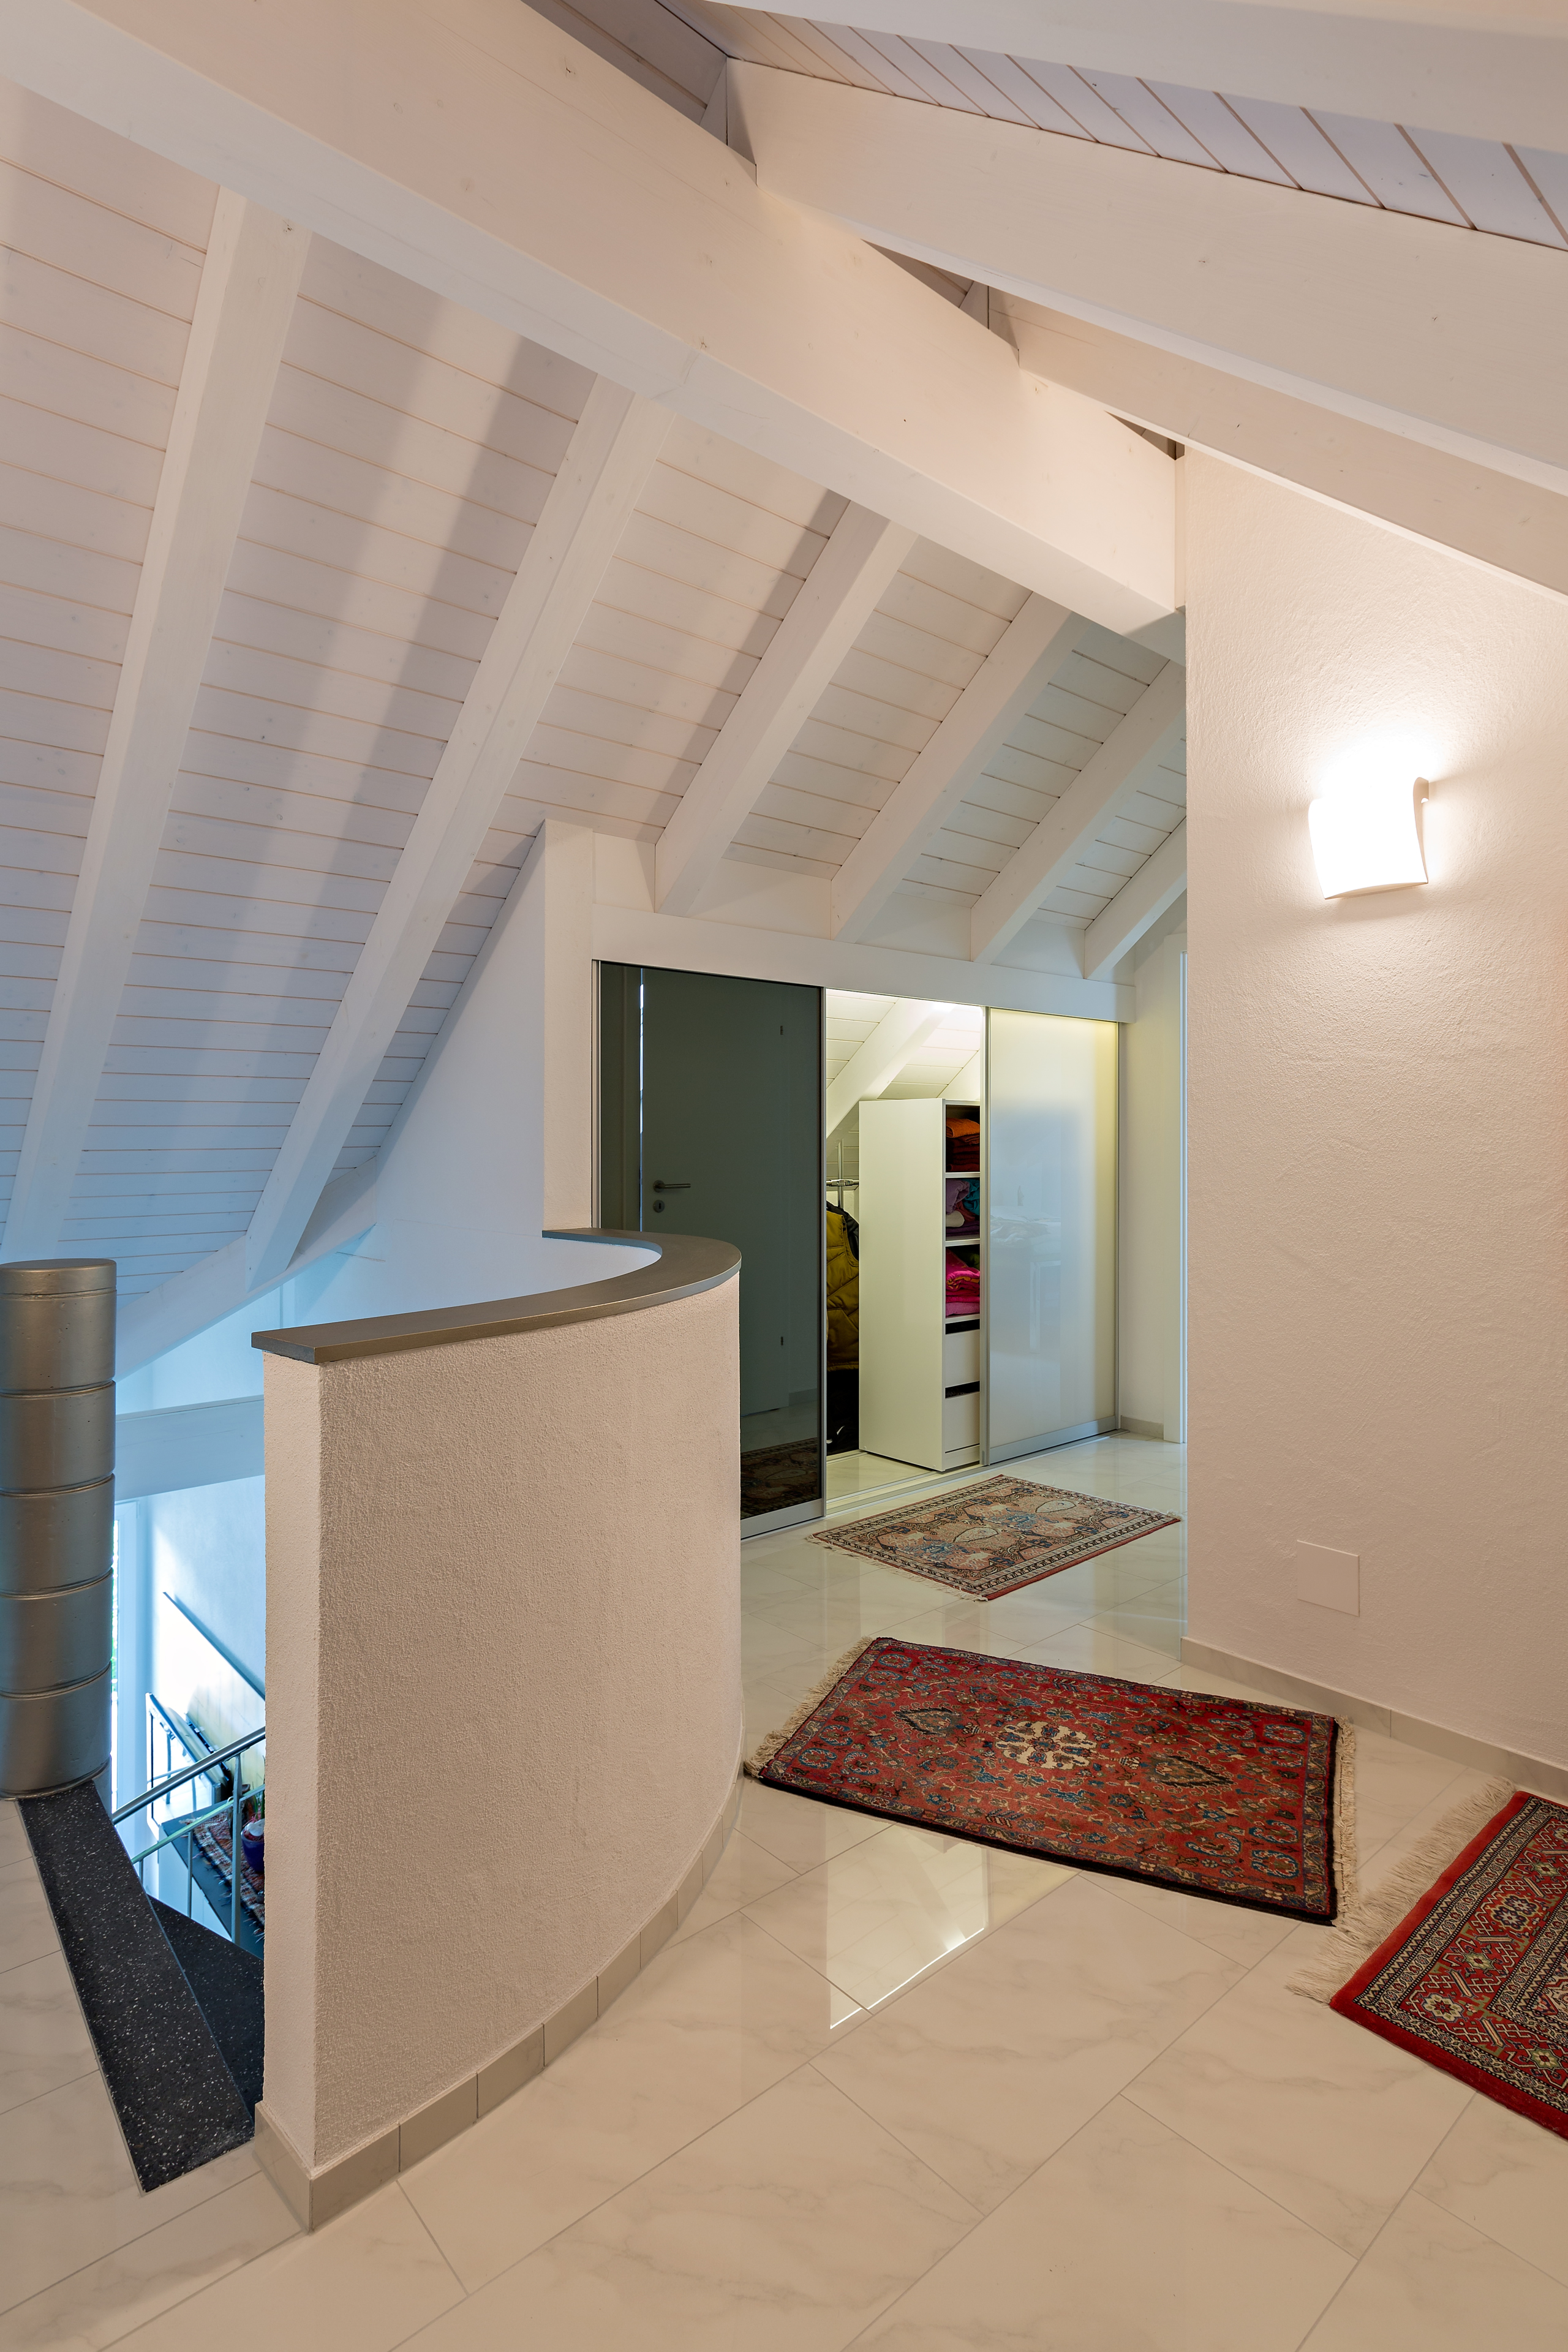 schrank in der dachschr ge nach mass dachschr genschrank im vorzimmer in doppelter tiefe mit. Black Bedroom Furniture Sets. Home Design Ideas